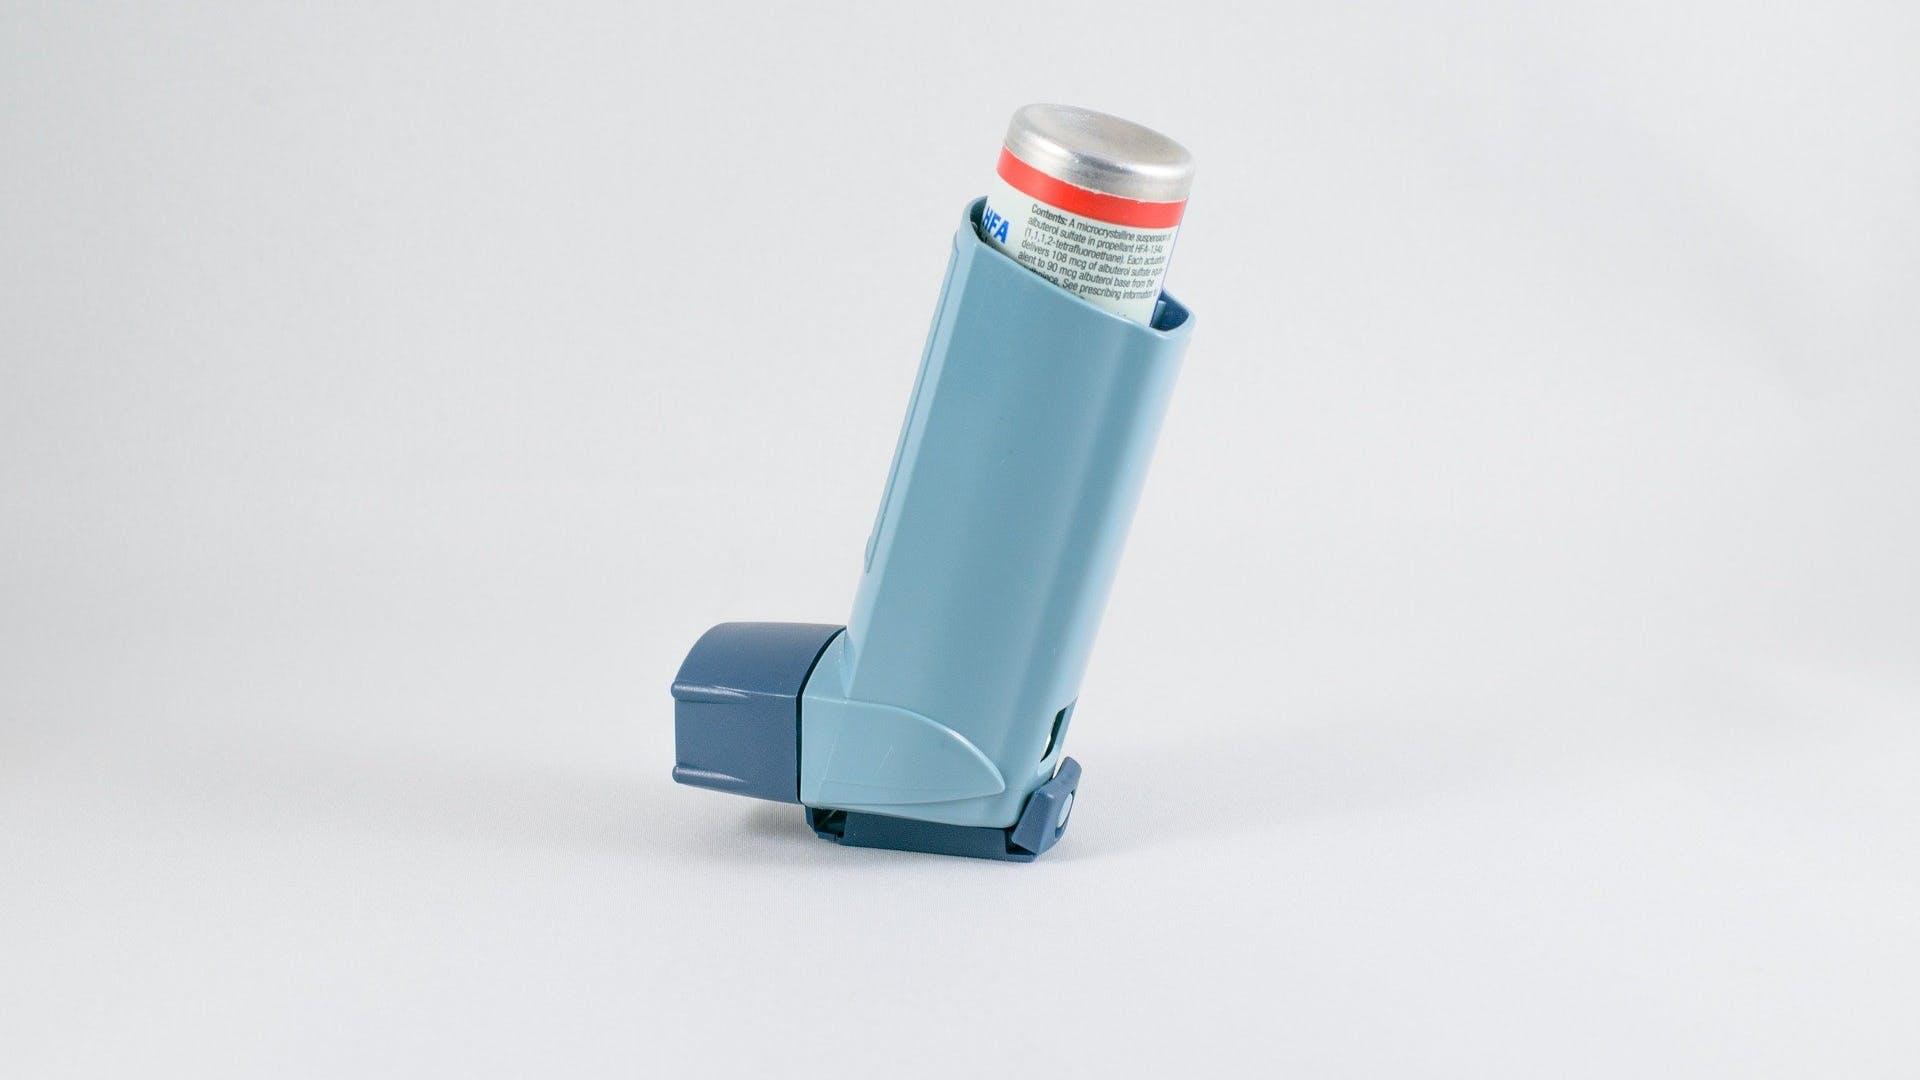 A blue asthma inhaler.